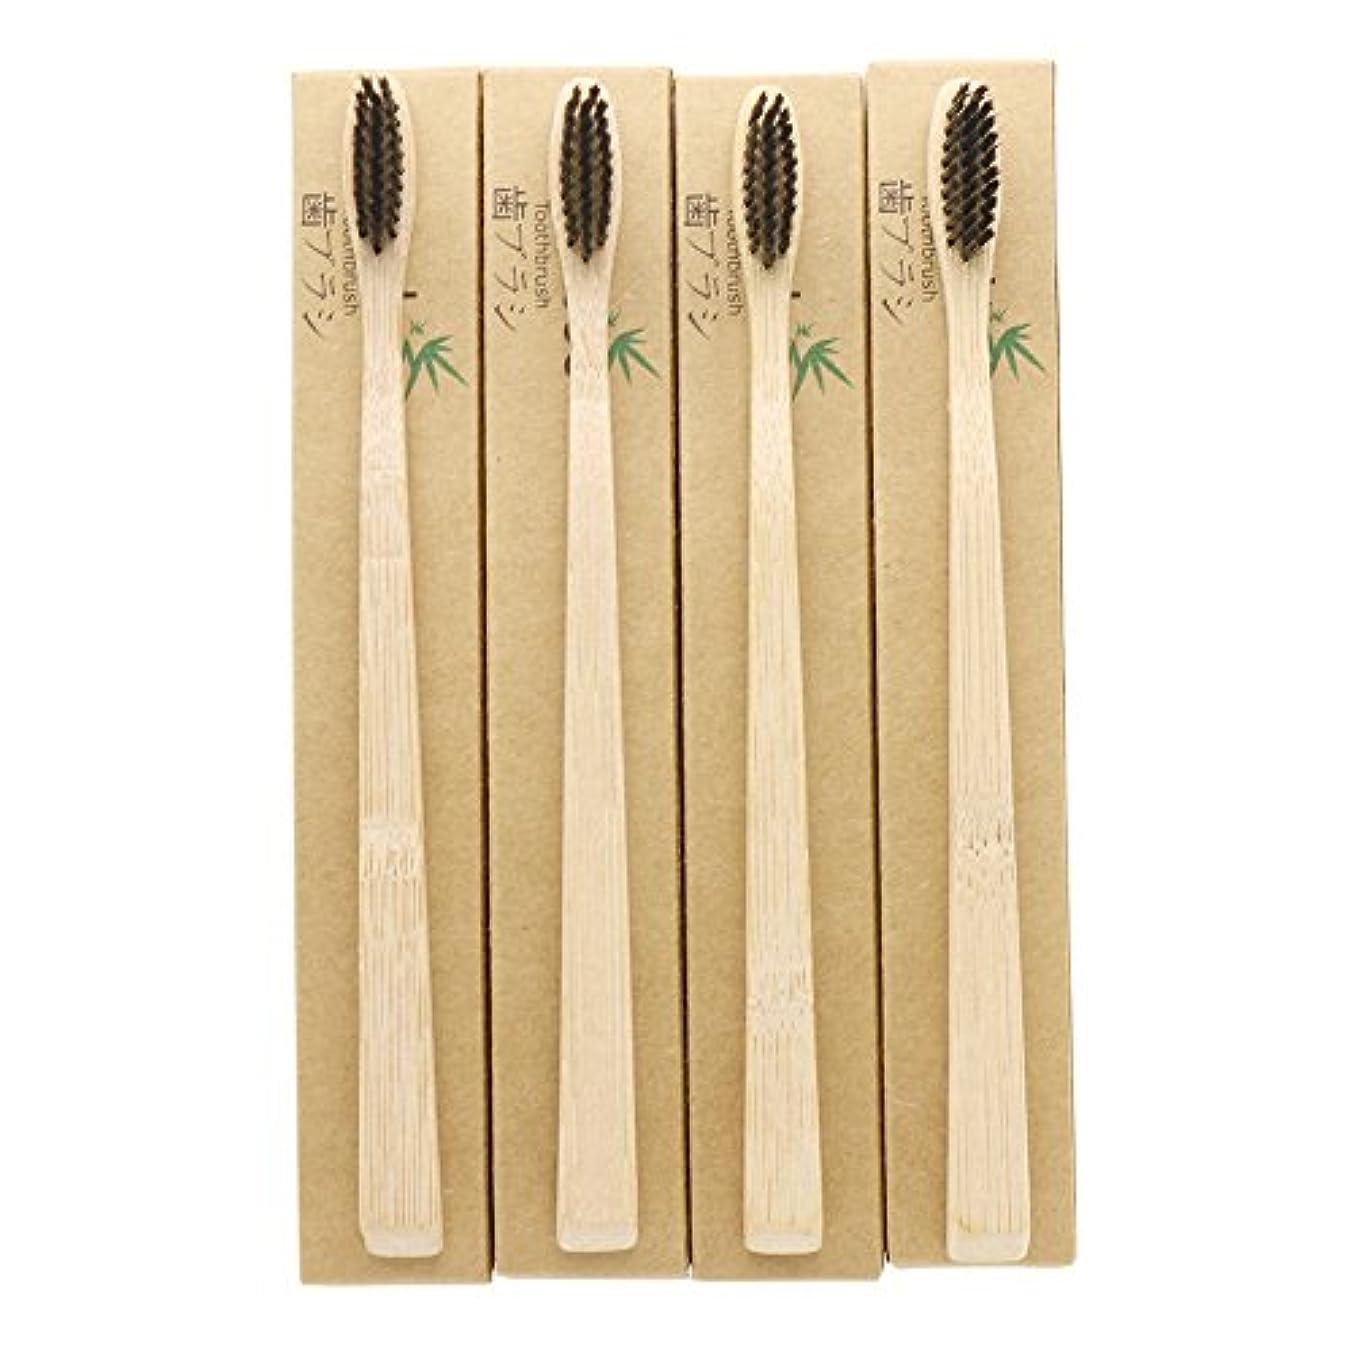 いま頑固なミルクN-amboo 竹製耐久度高い 歯ブラシ 黒い ハンドル小さい 4本入りセット